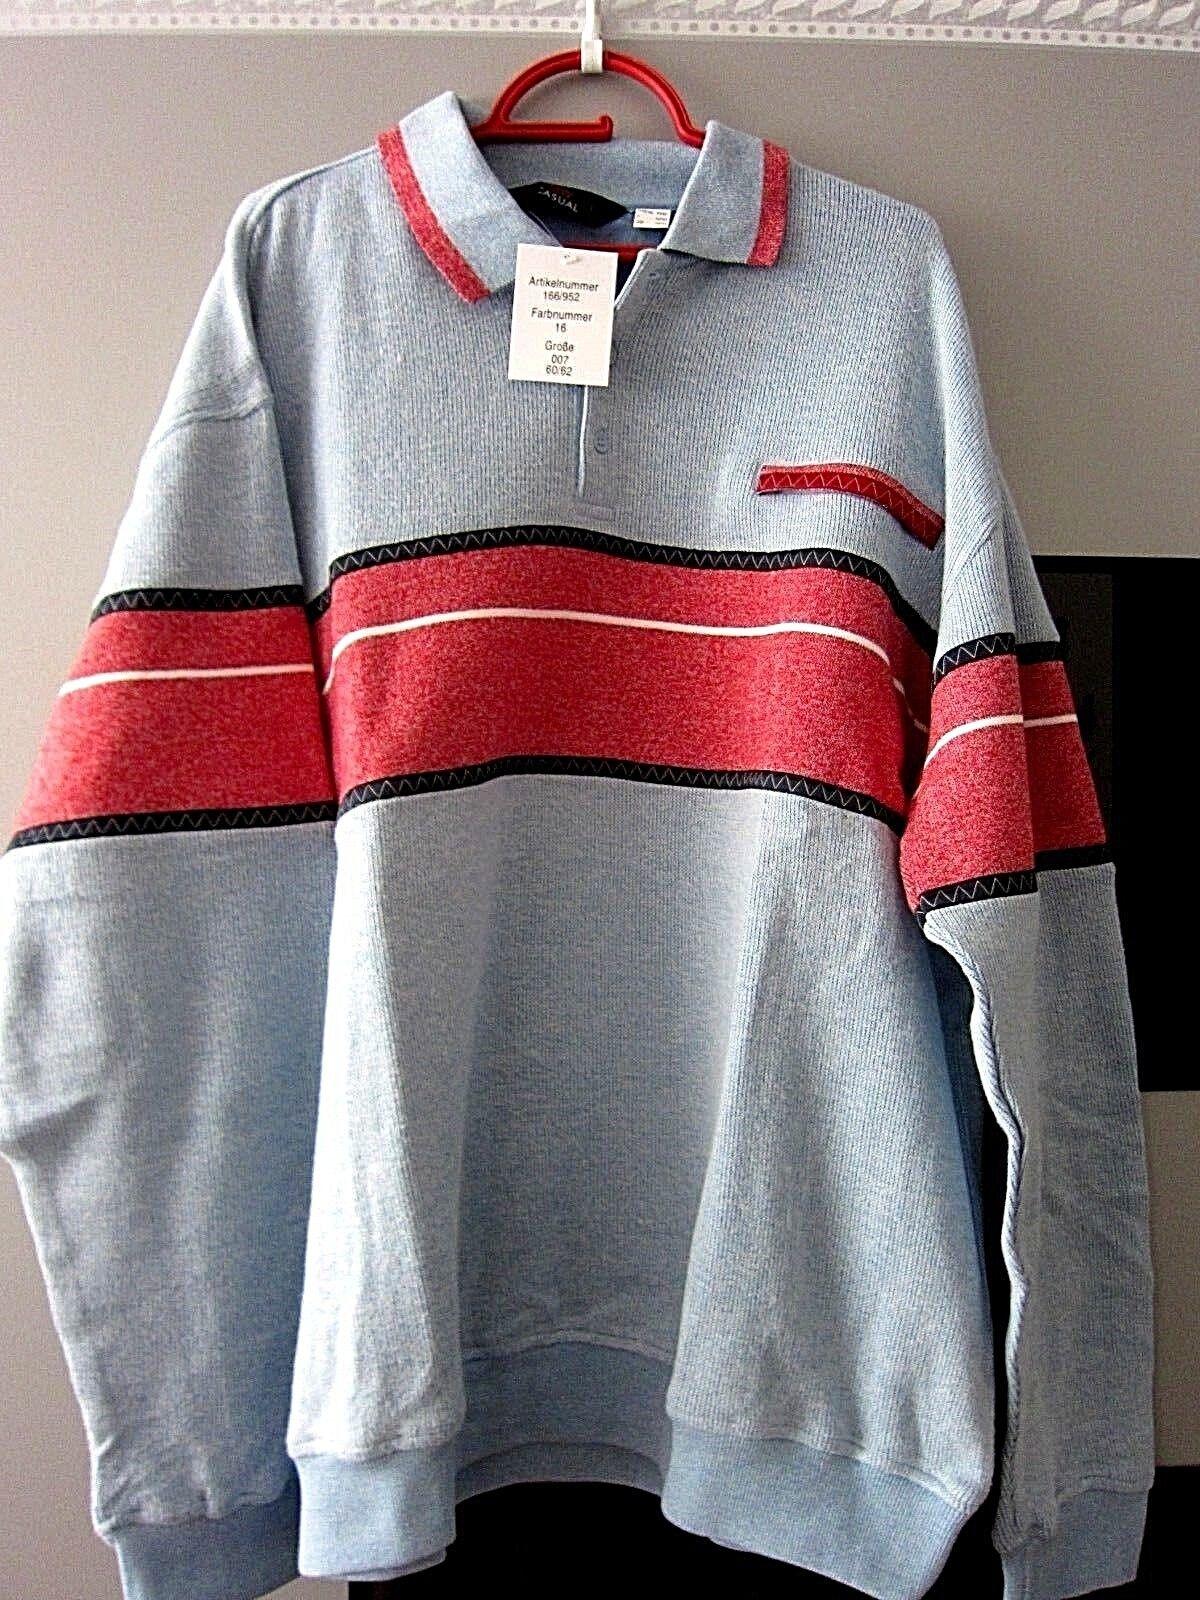 Herren schweißhemd Casual sehr hochwertig Herren hemd Herrenschweißhemd Gr.60 62